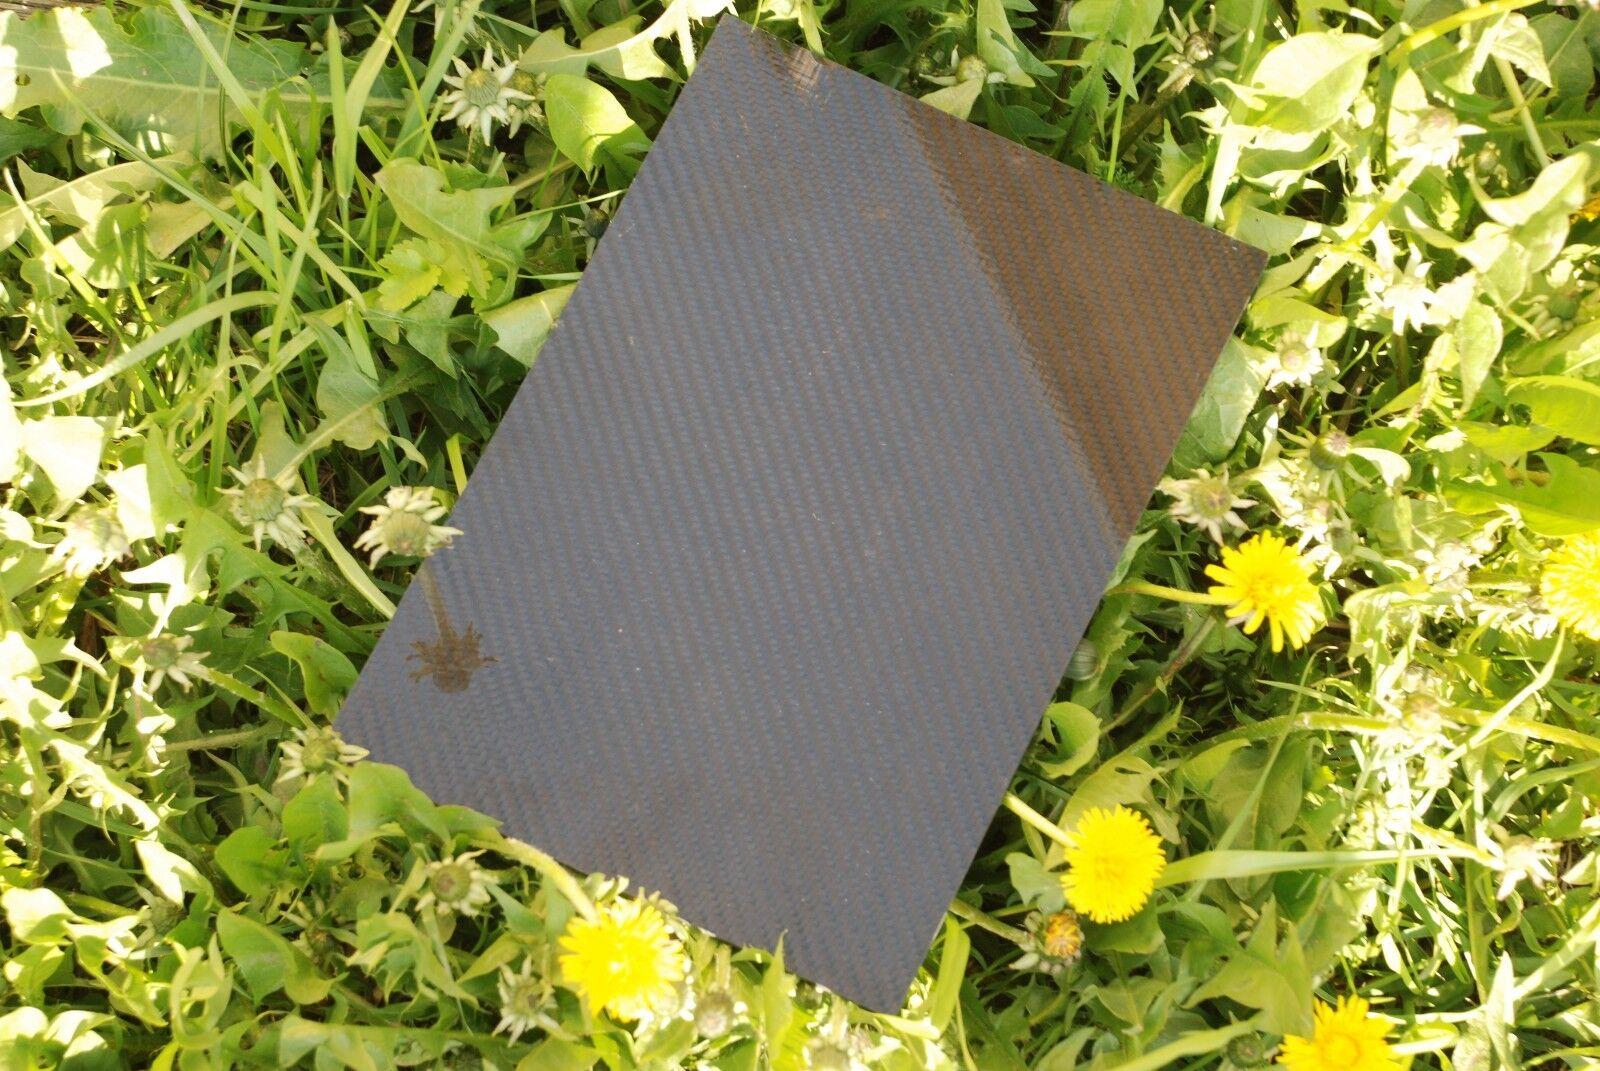 Carbon Fiber 3mm feet x feet Sheet 100% Carbon x1 Twill weave Finland